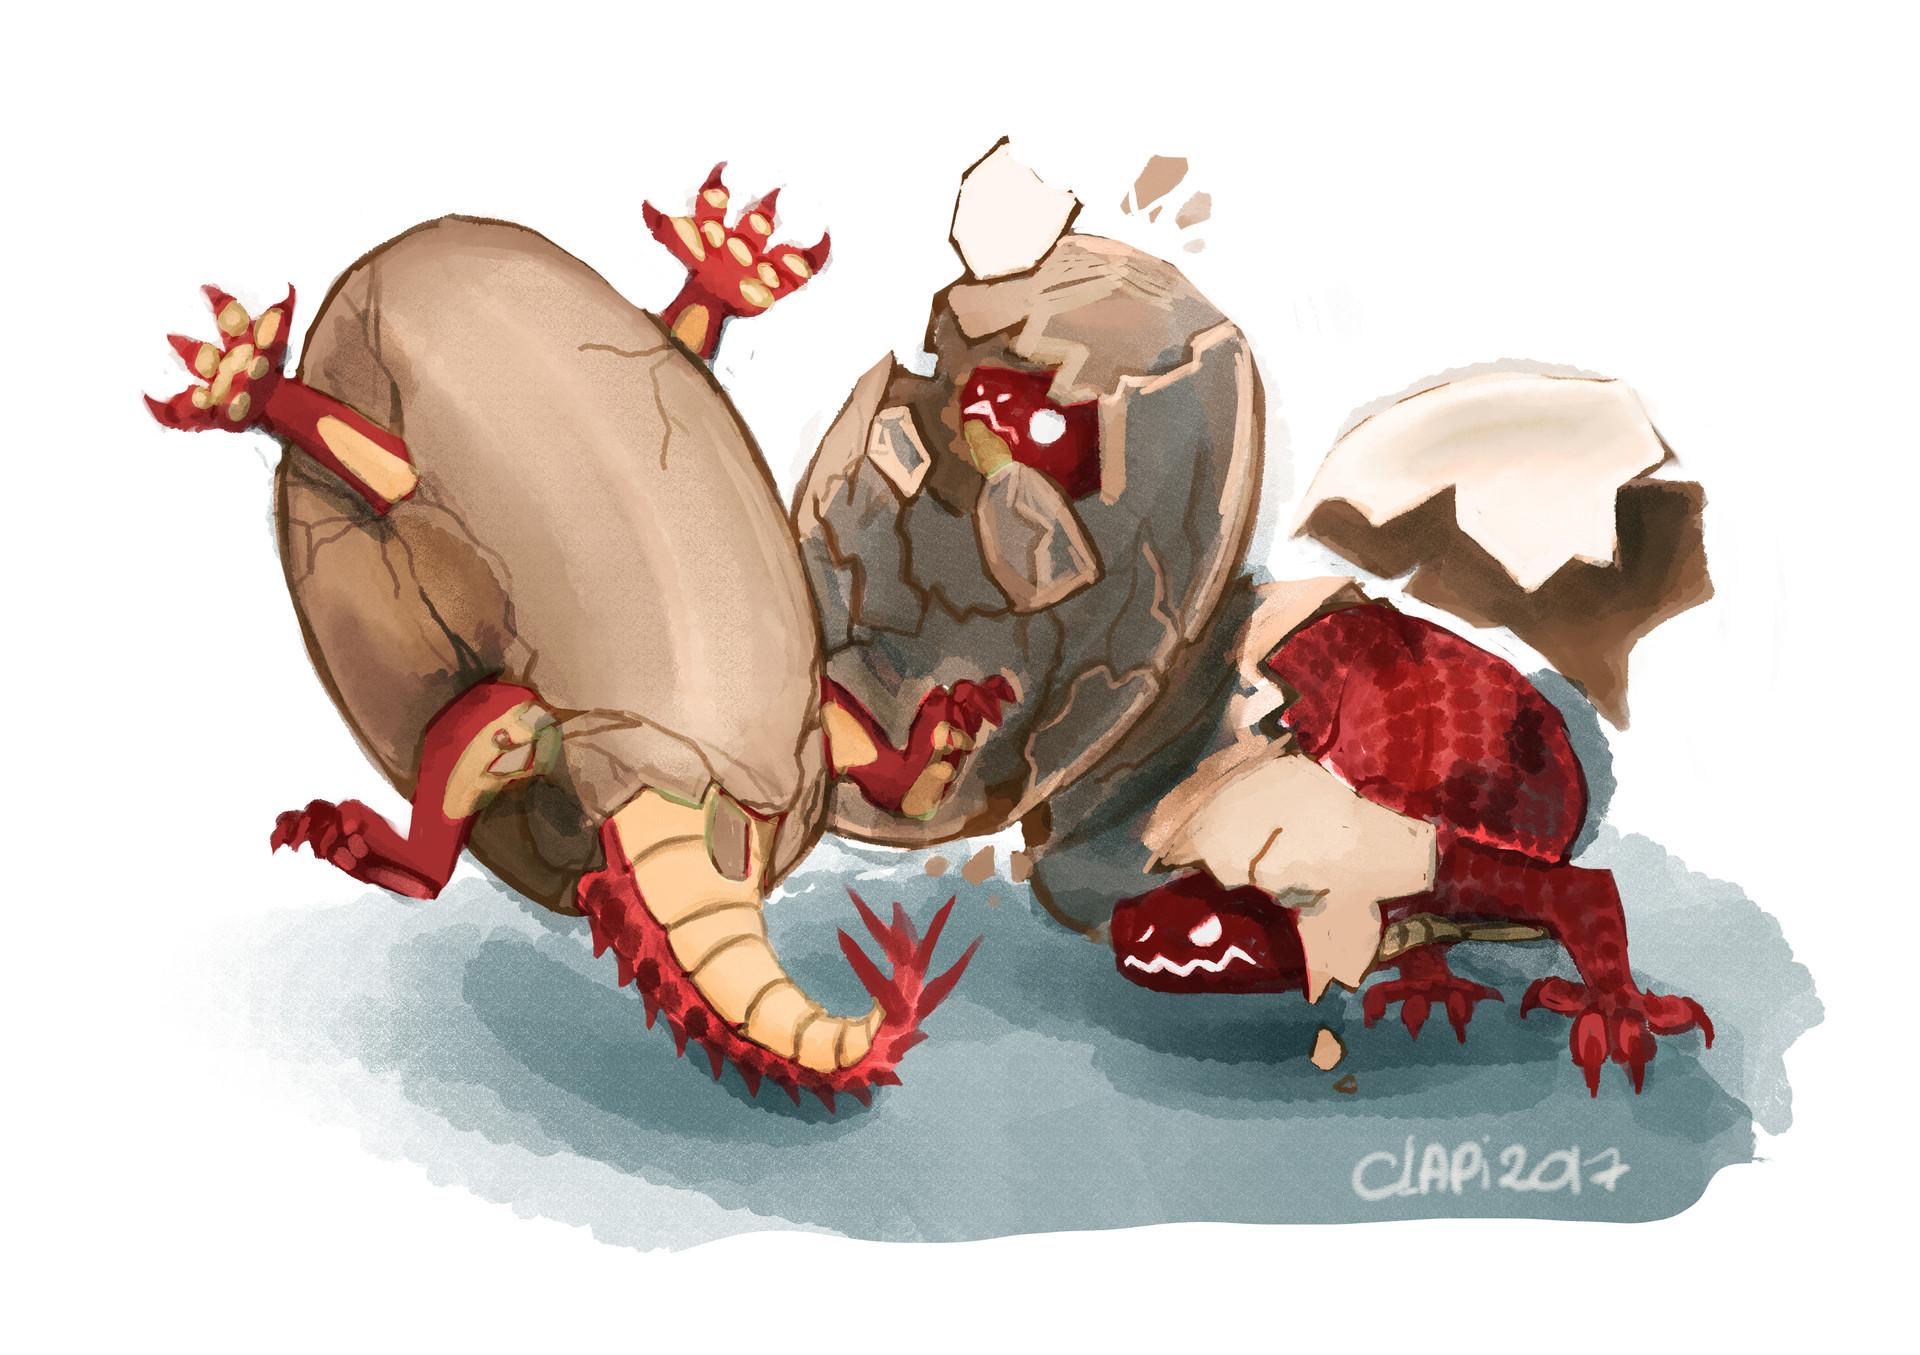 Claudia pistritto 3 salamander eggs